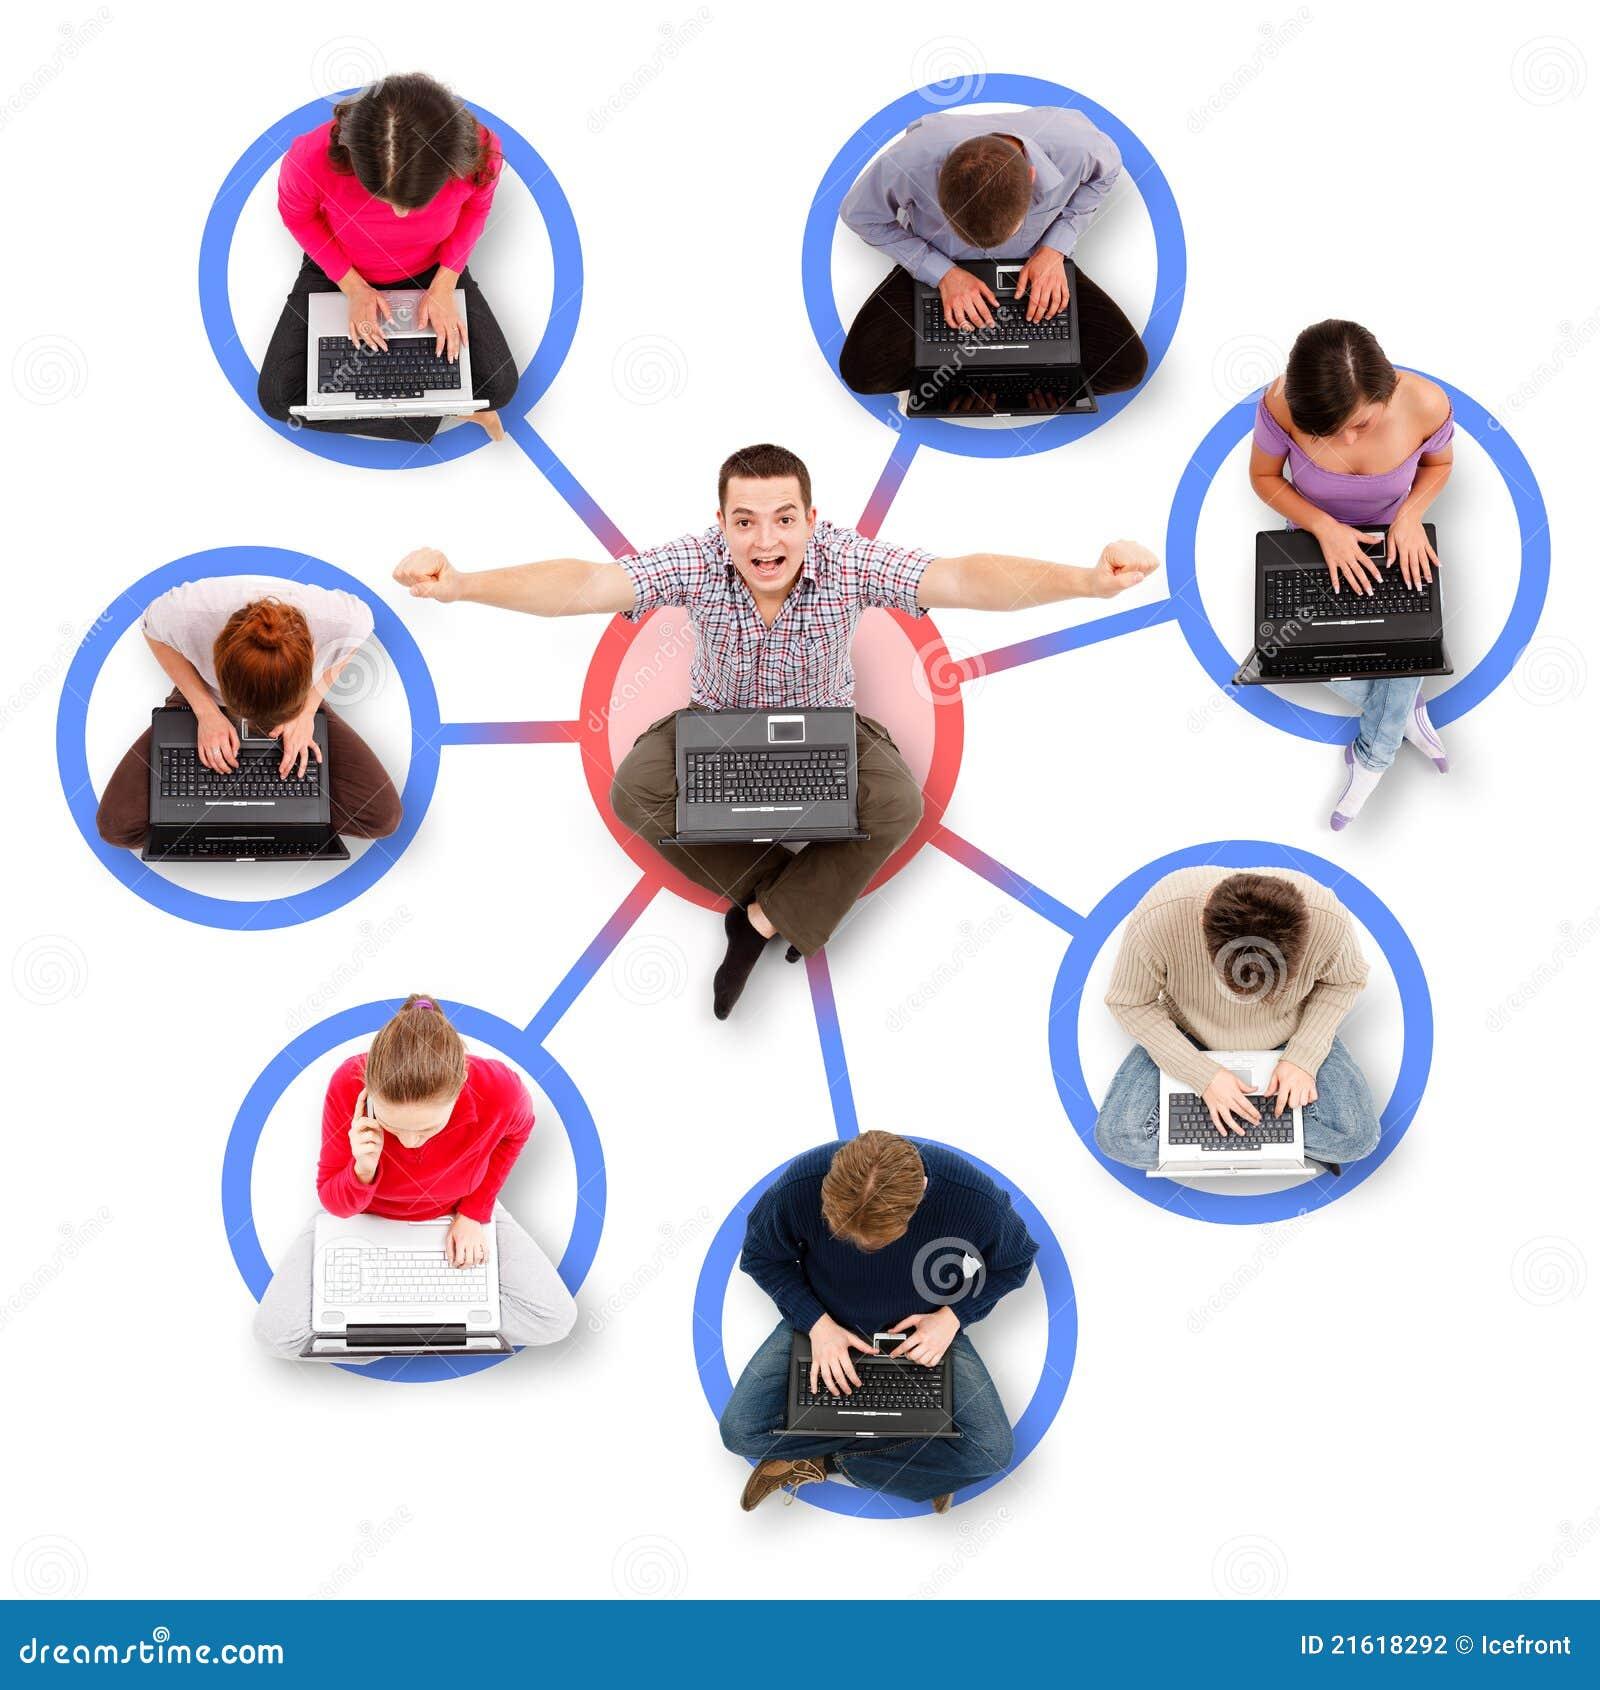 Membros sociais da rede em torno de um homem bem sucedido